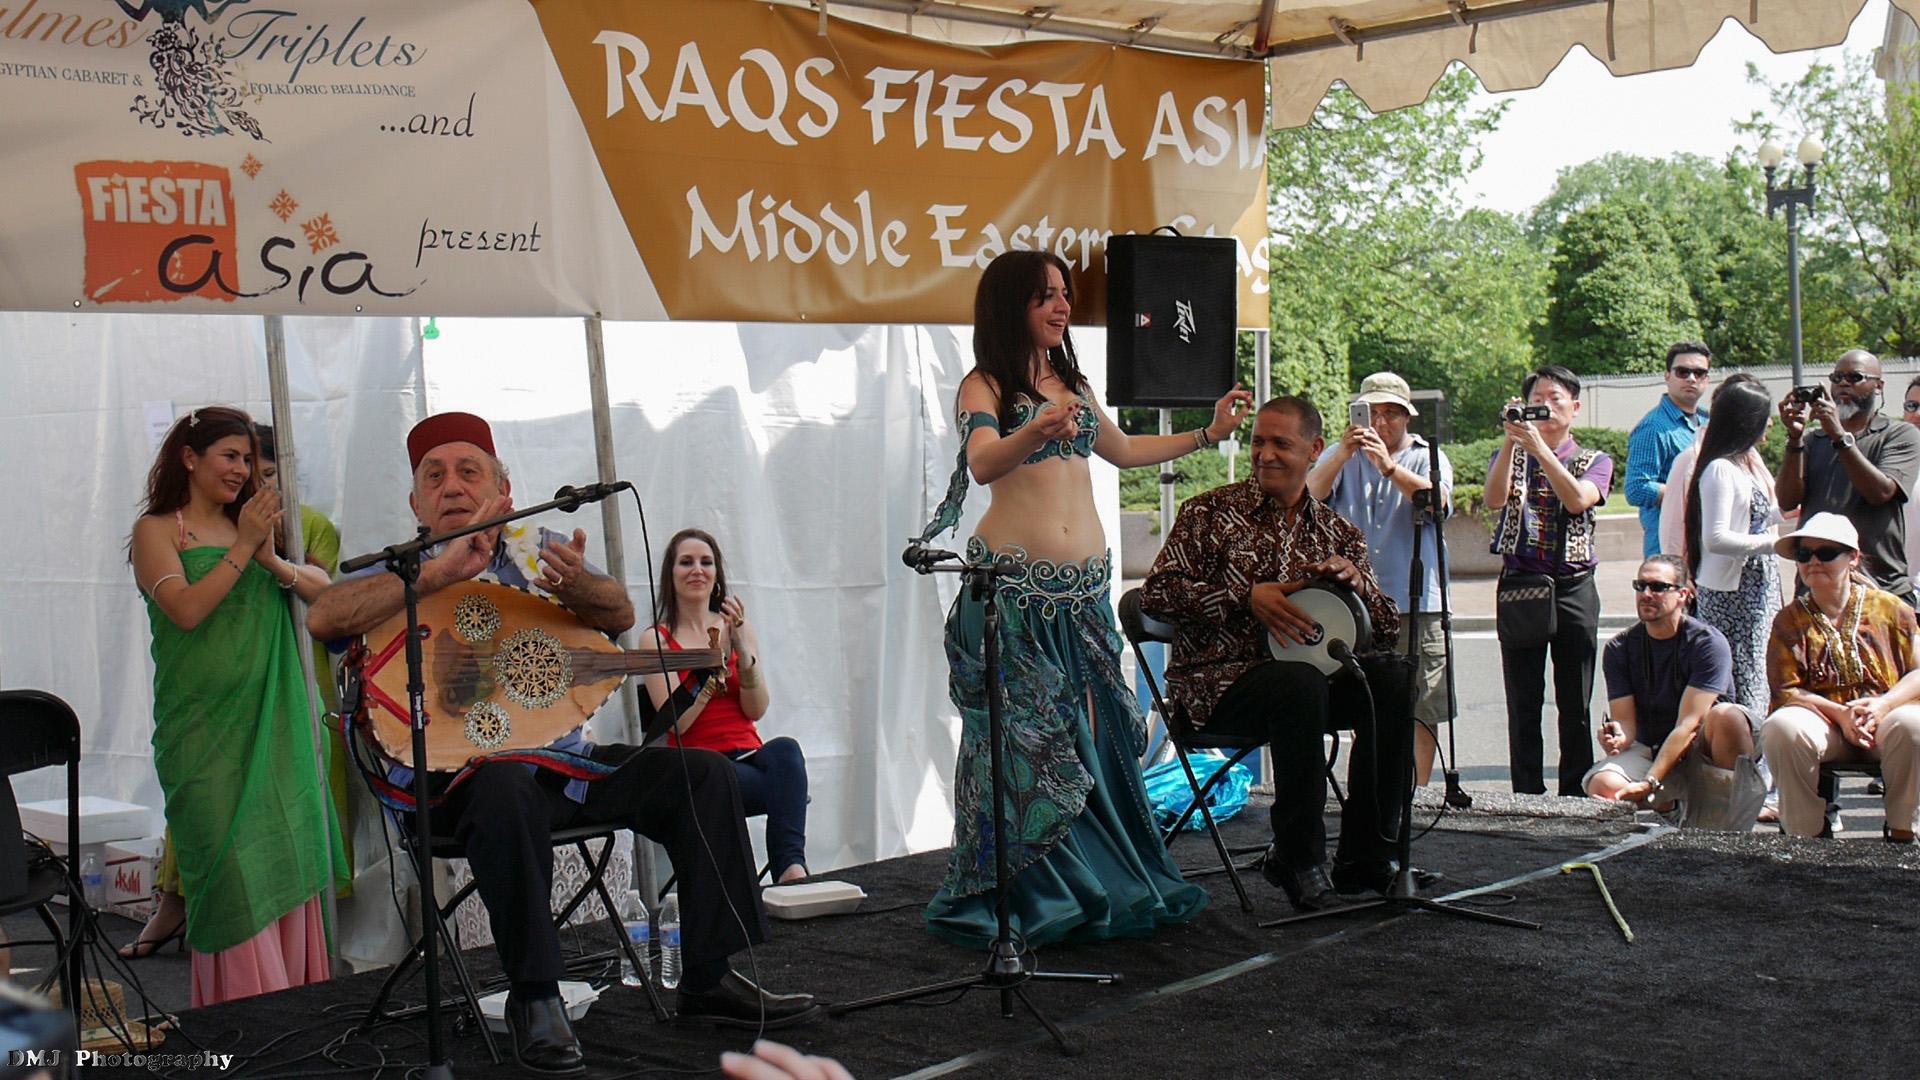 fiesta_asia_street_festival_2015_middle_eastern_stage_07.jpg